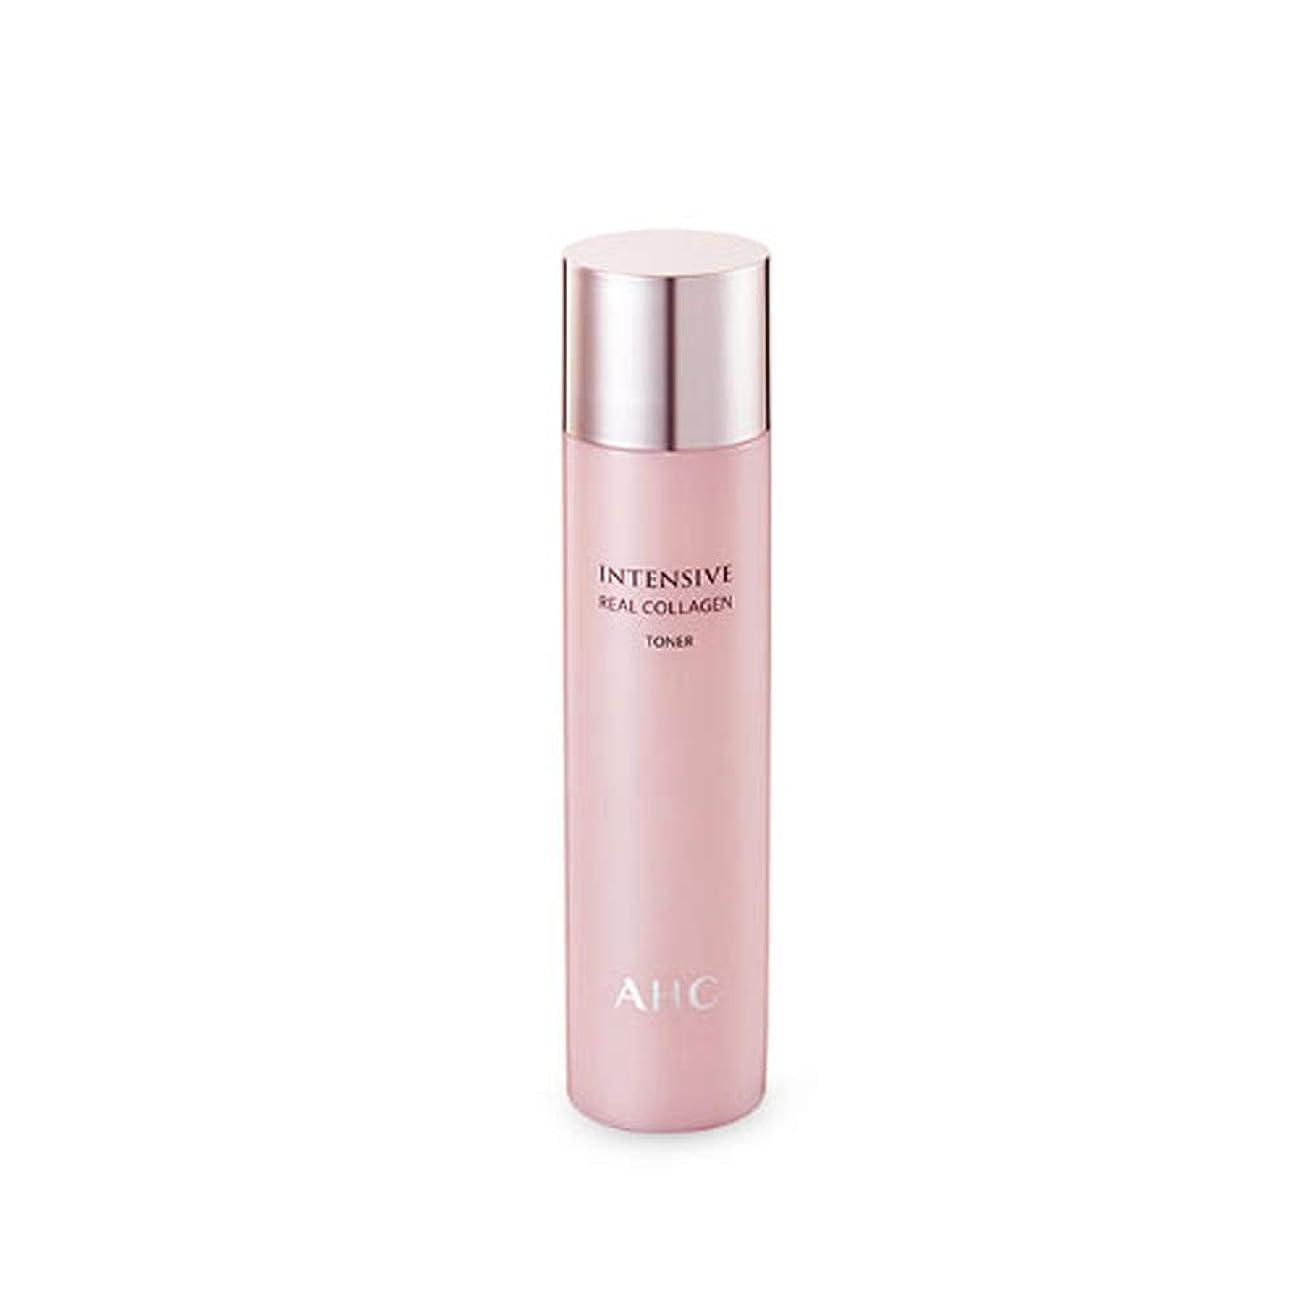 ドットインフラ公爵夫人AHC(エーエイチシー) インテンシブ リアルコラーゲン トナー(化粧水)150ml